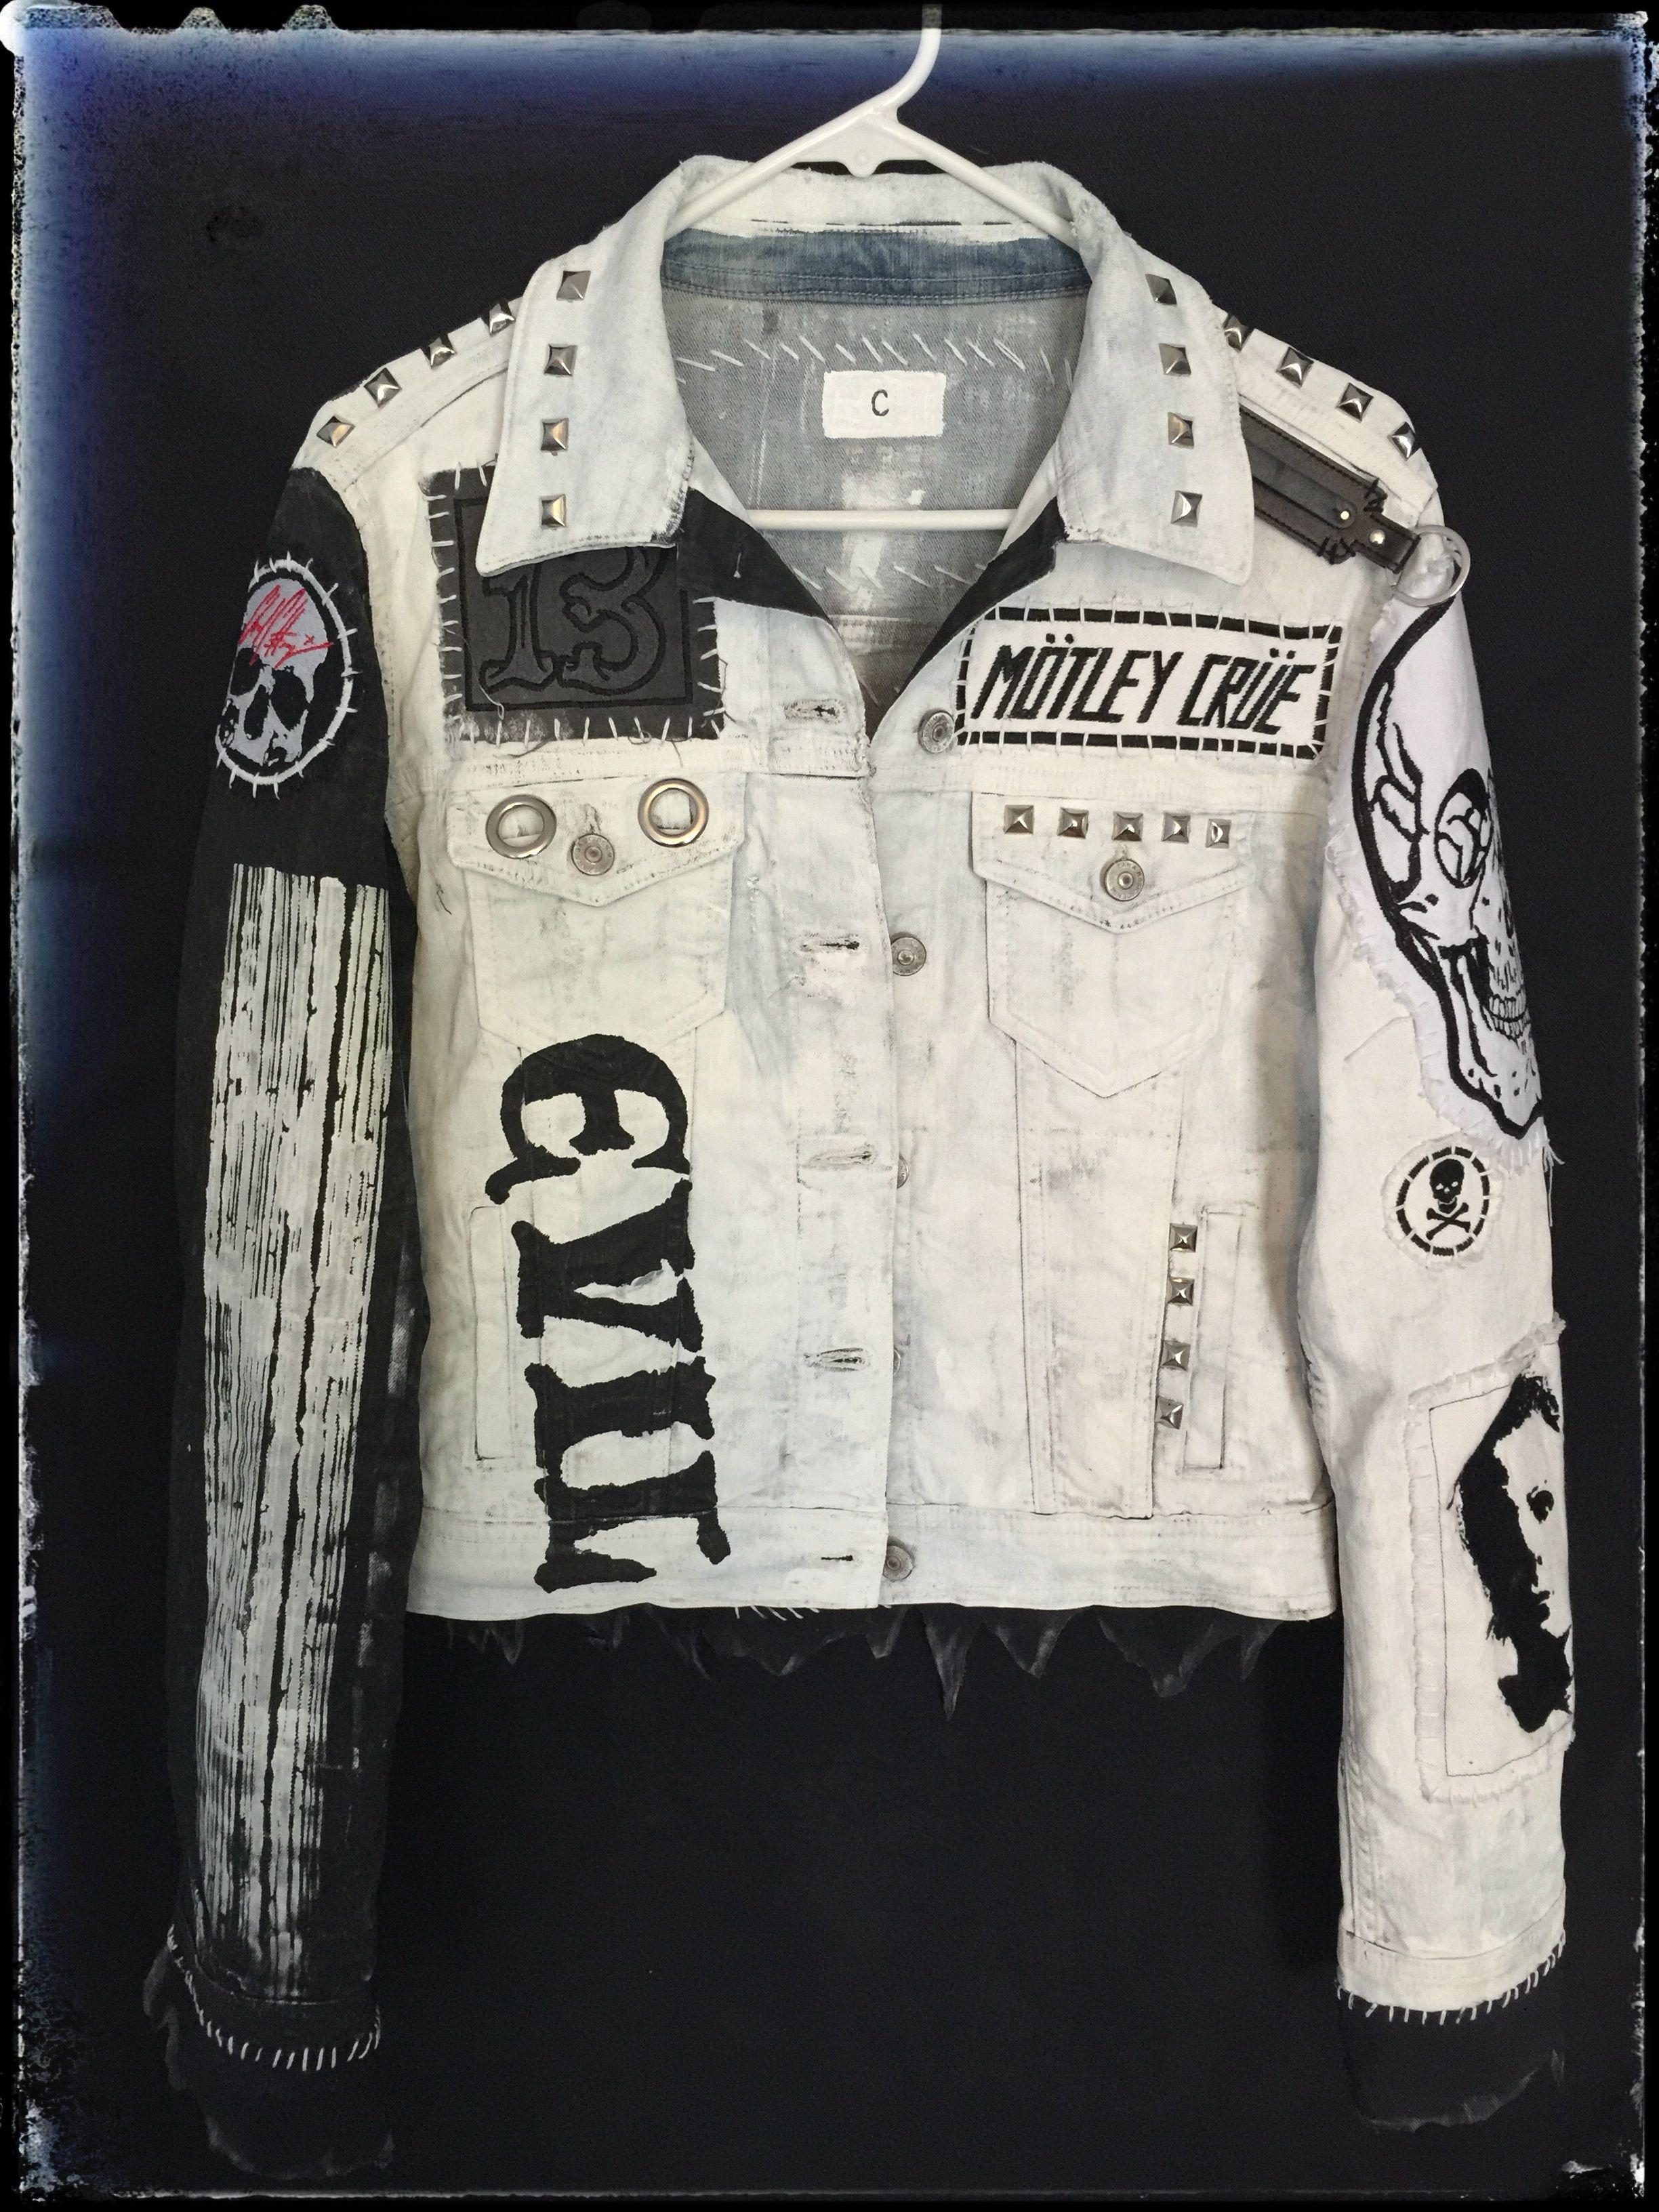 White Denim Rocker Jackets From Chad Cherry Clothing Leather Jacket Style Denim Jacket Grunge Battle Jacket [ 3264 x 2448 Pixel ]